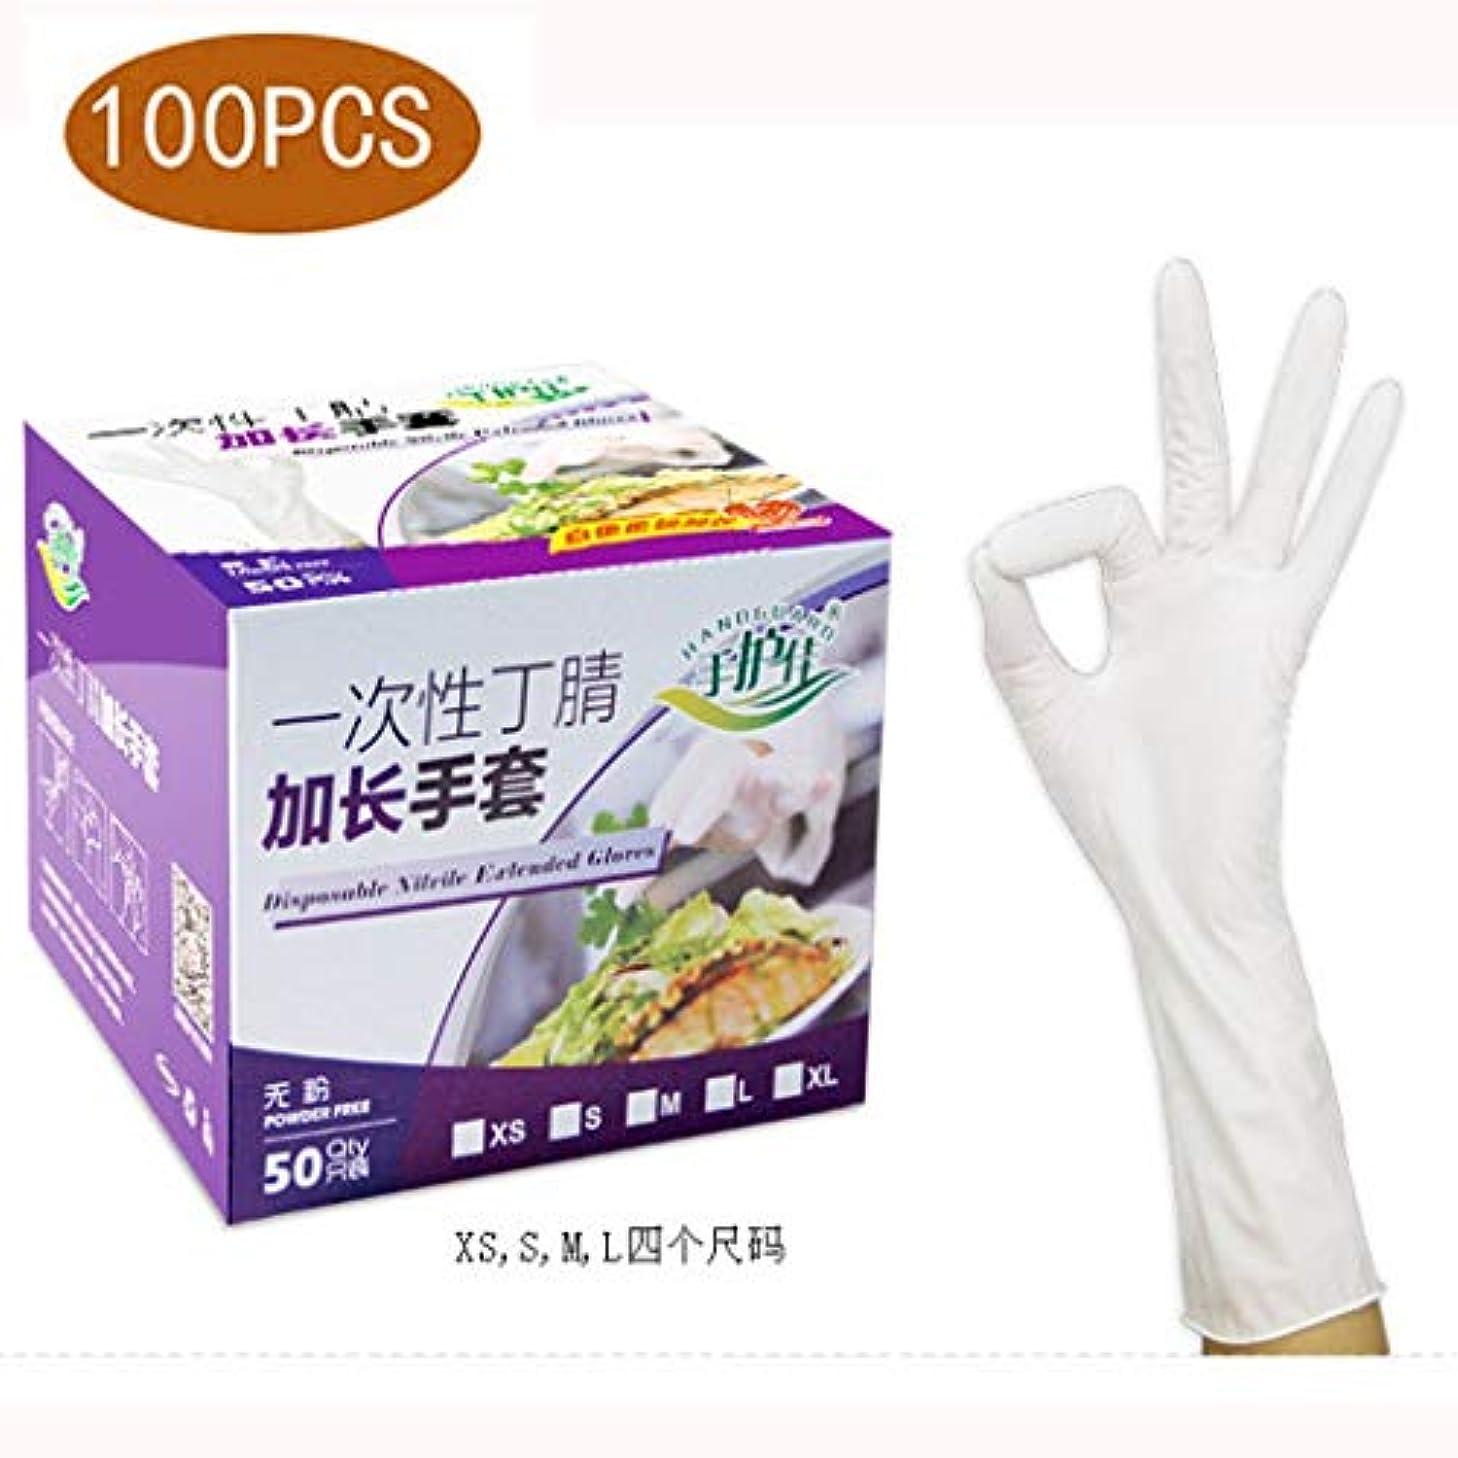 ニトリル手袋ビニール試験使い捨て手袋ゴム研究所労働保険と延長、5ミル、ゴム労働保護美容院ラテックスフリー、パウダーフリー、両手利き、100個 (Size : L)